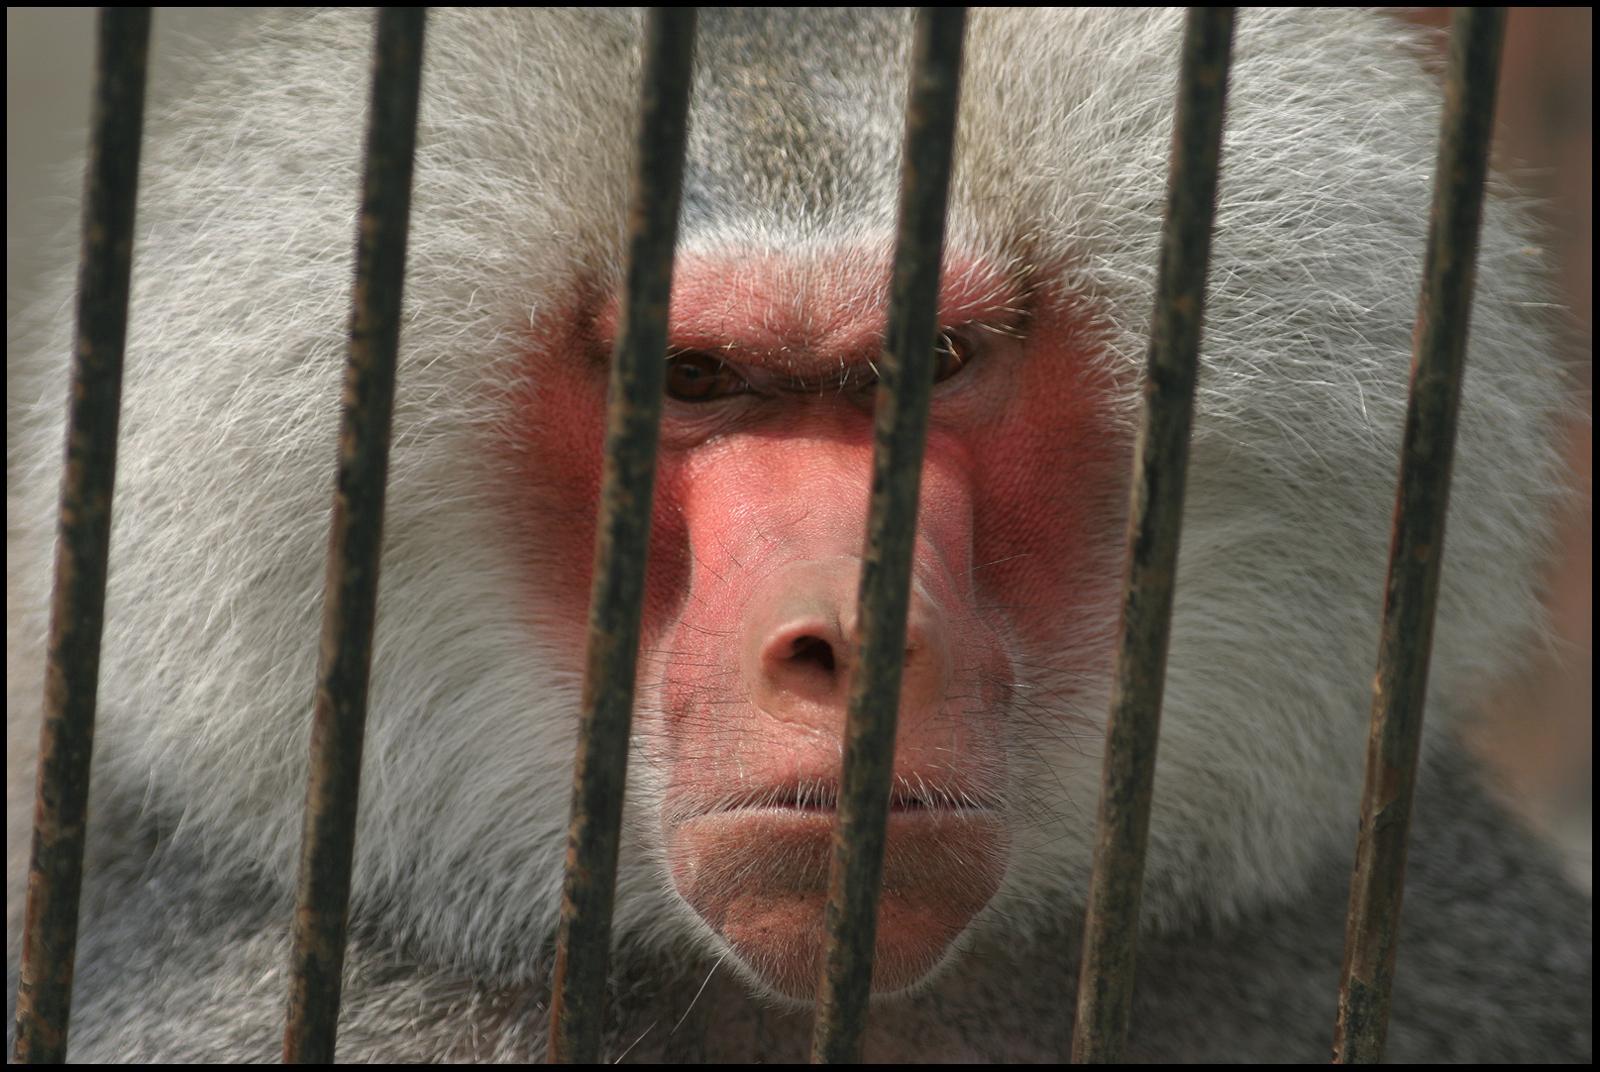 5 Organizations That Still Kill Animals Even Though Alternatives Exist